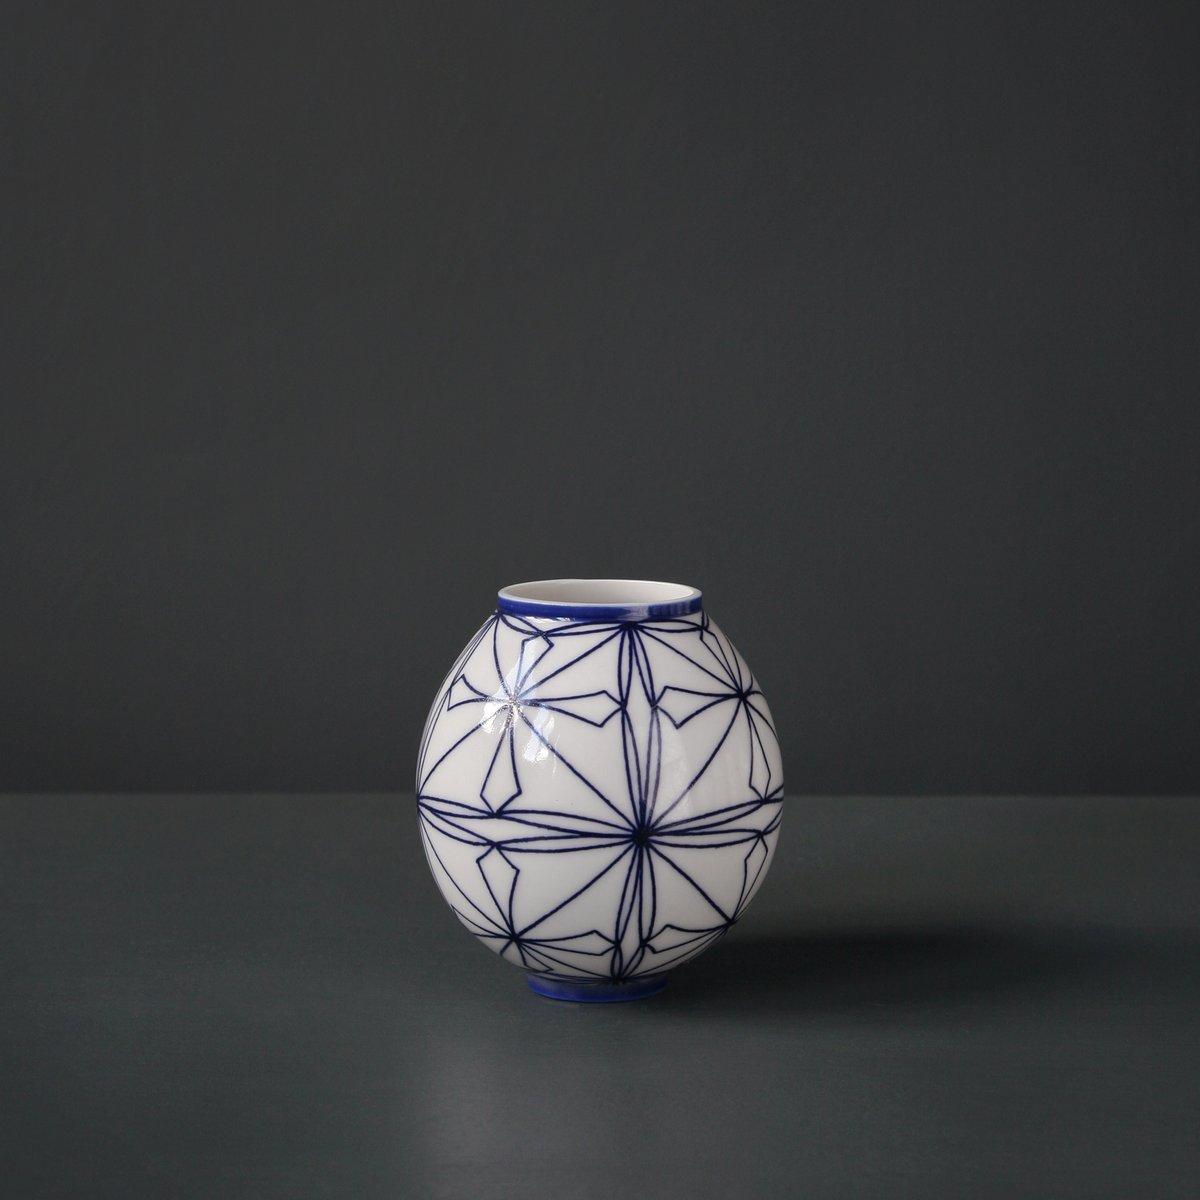 Image of 'Kaleidoscope' Moon Jar by Rhian Malin.